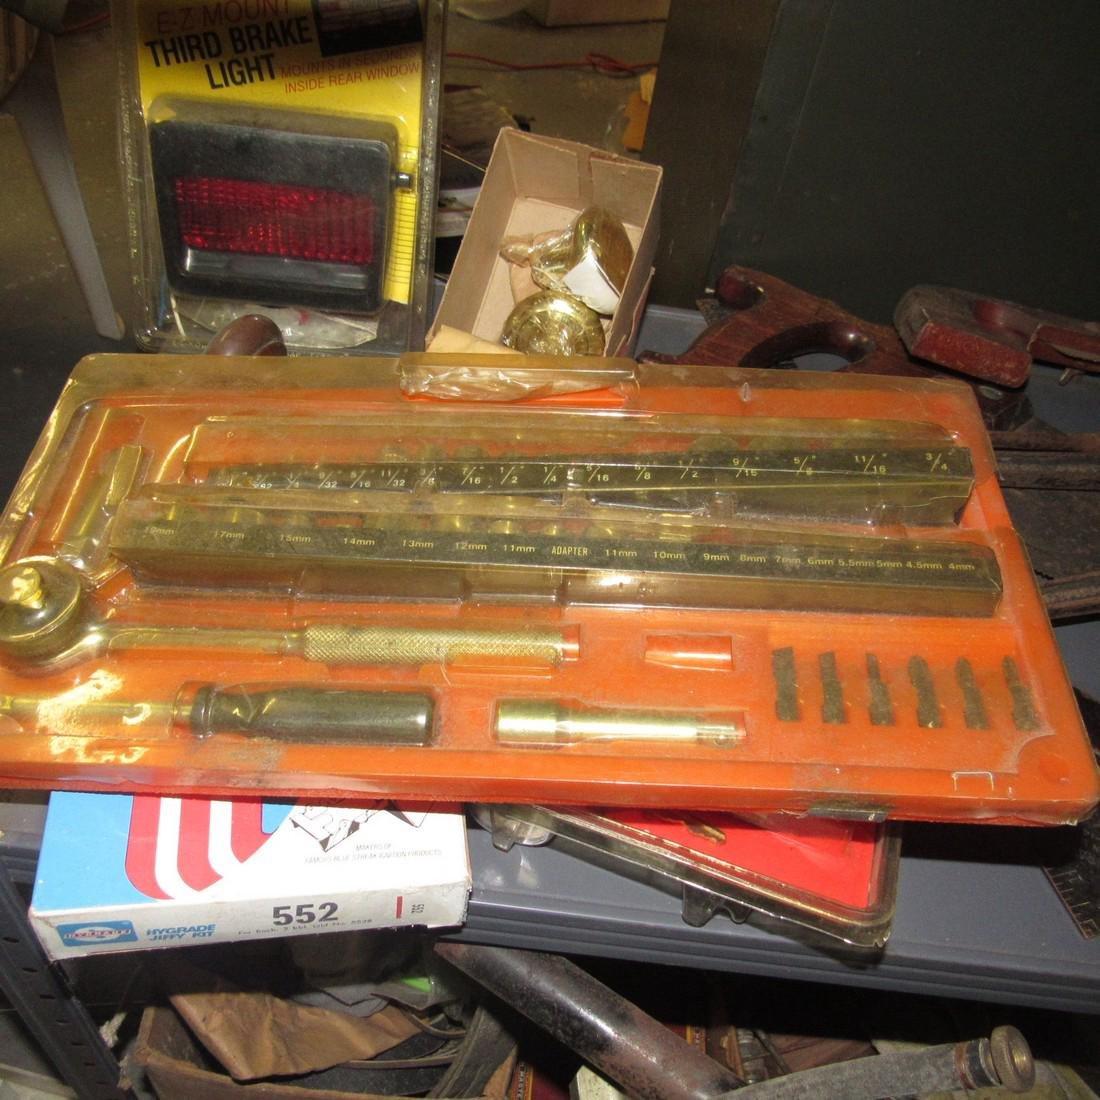 Tools Oil Cans Timing Lights Socket Sets Shelf - 10